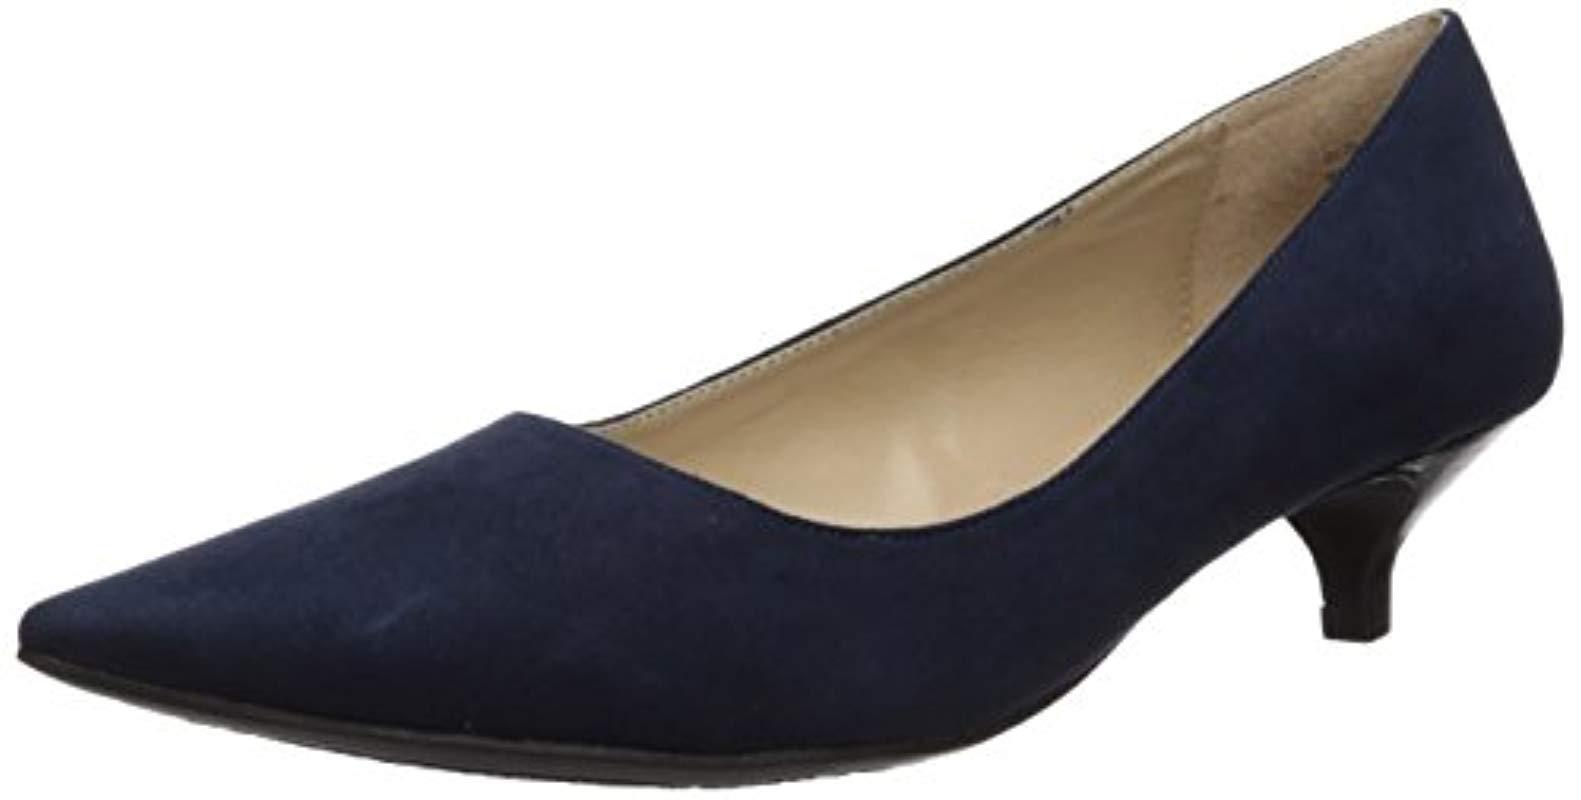 173088943d28 Lyst - Ellen Tracy Page Suede Low Heel Pump in Blue